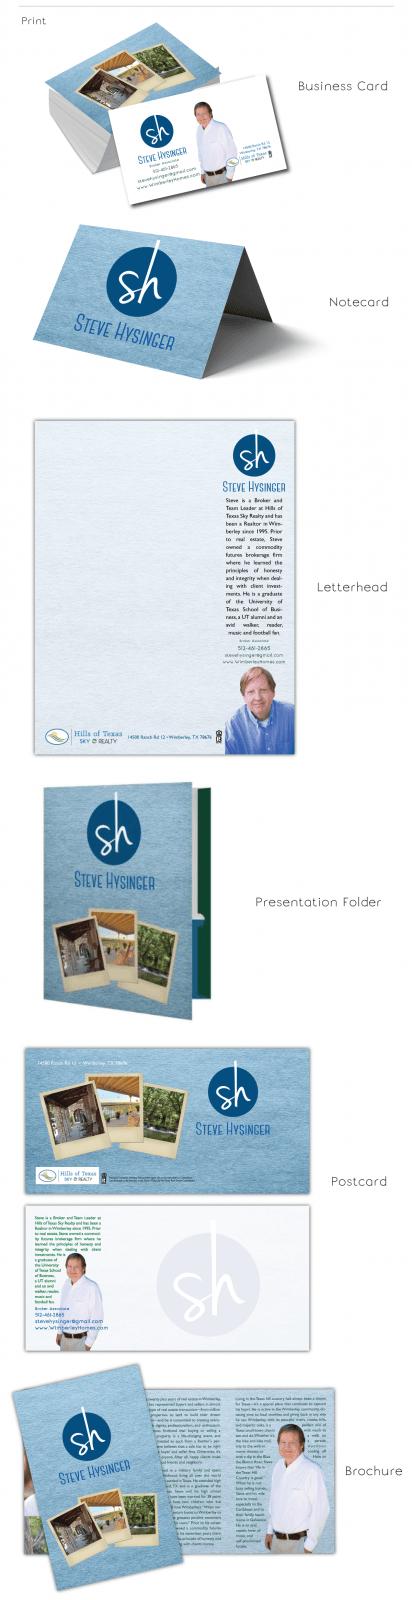 Design-Board-_-Steve-Hysinger_05